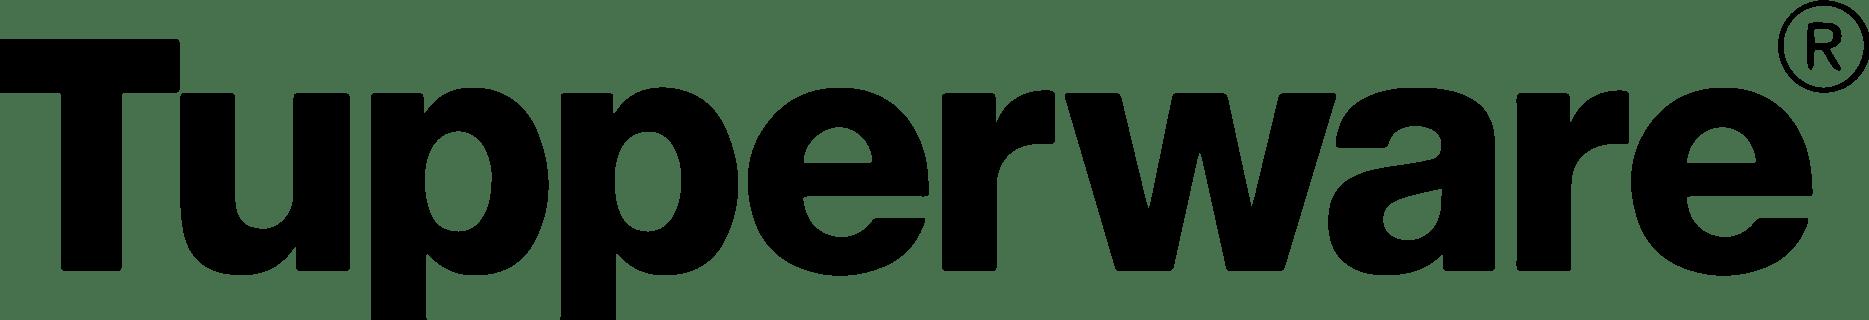 Tupperware Logo png